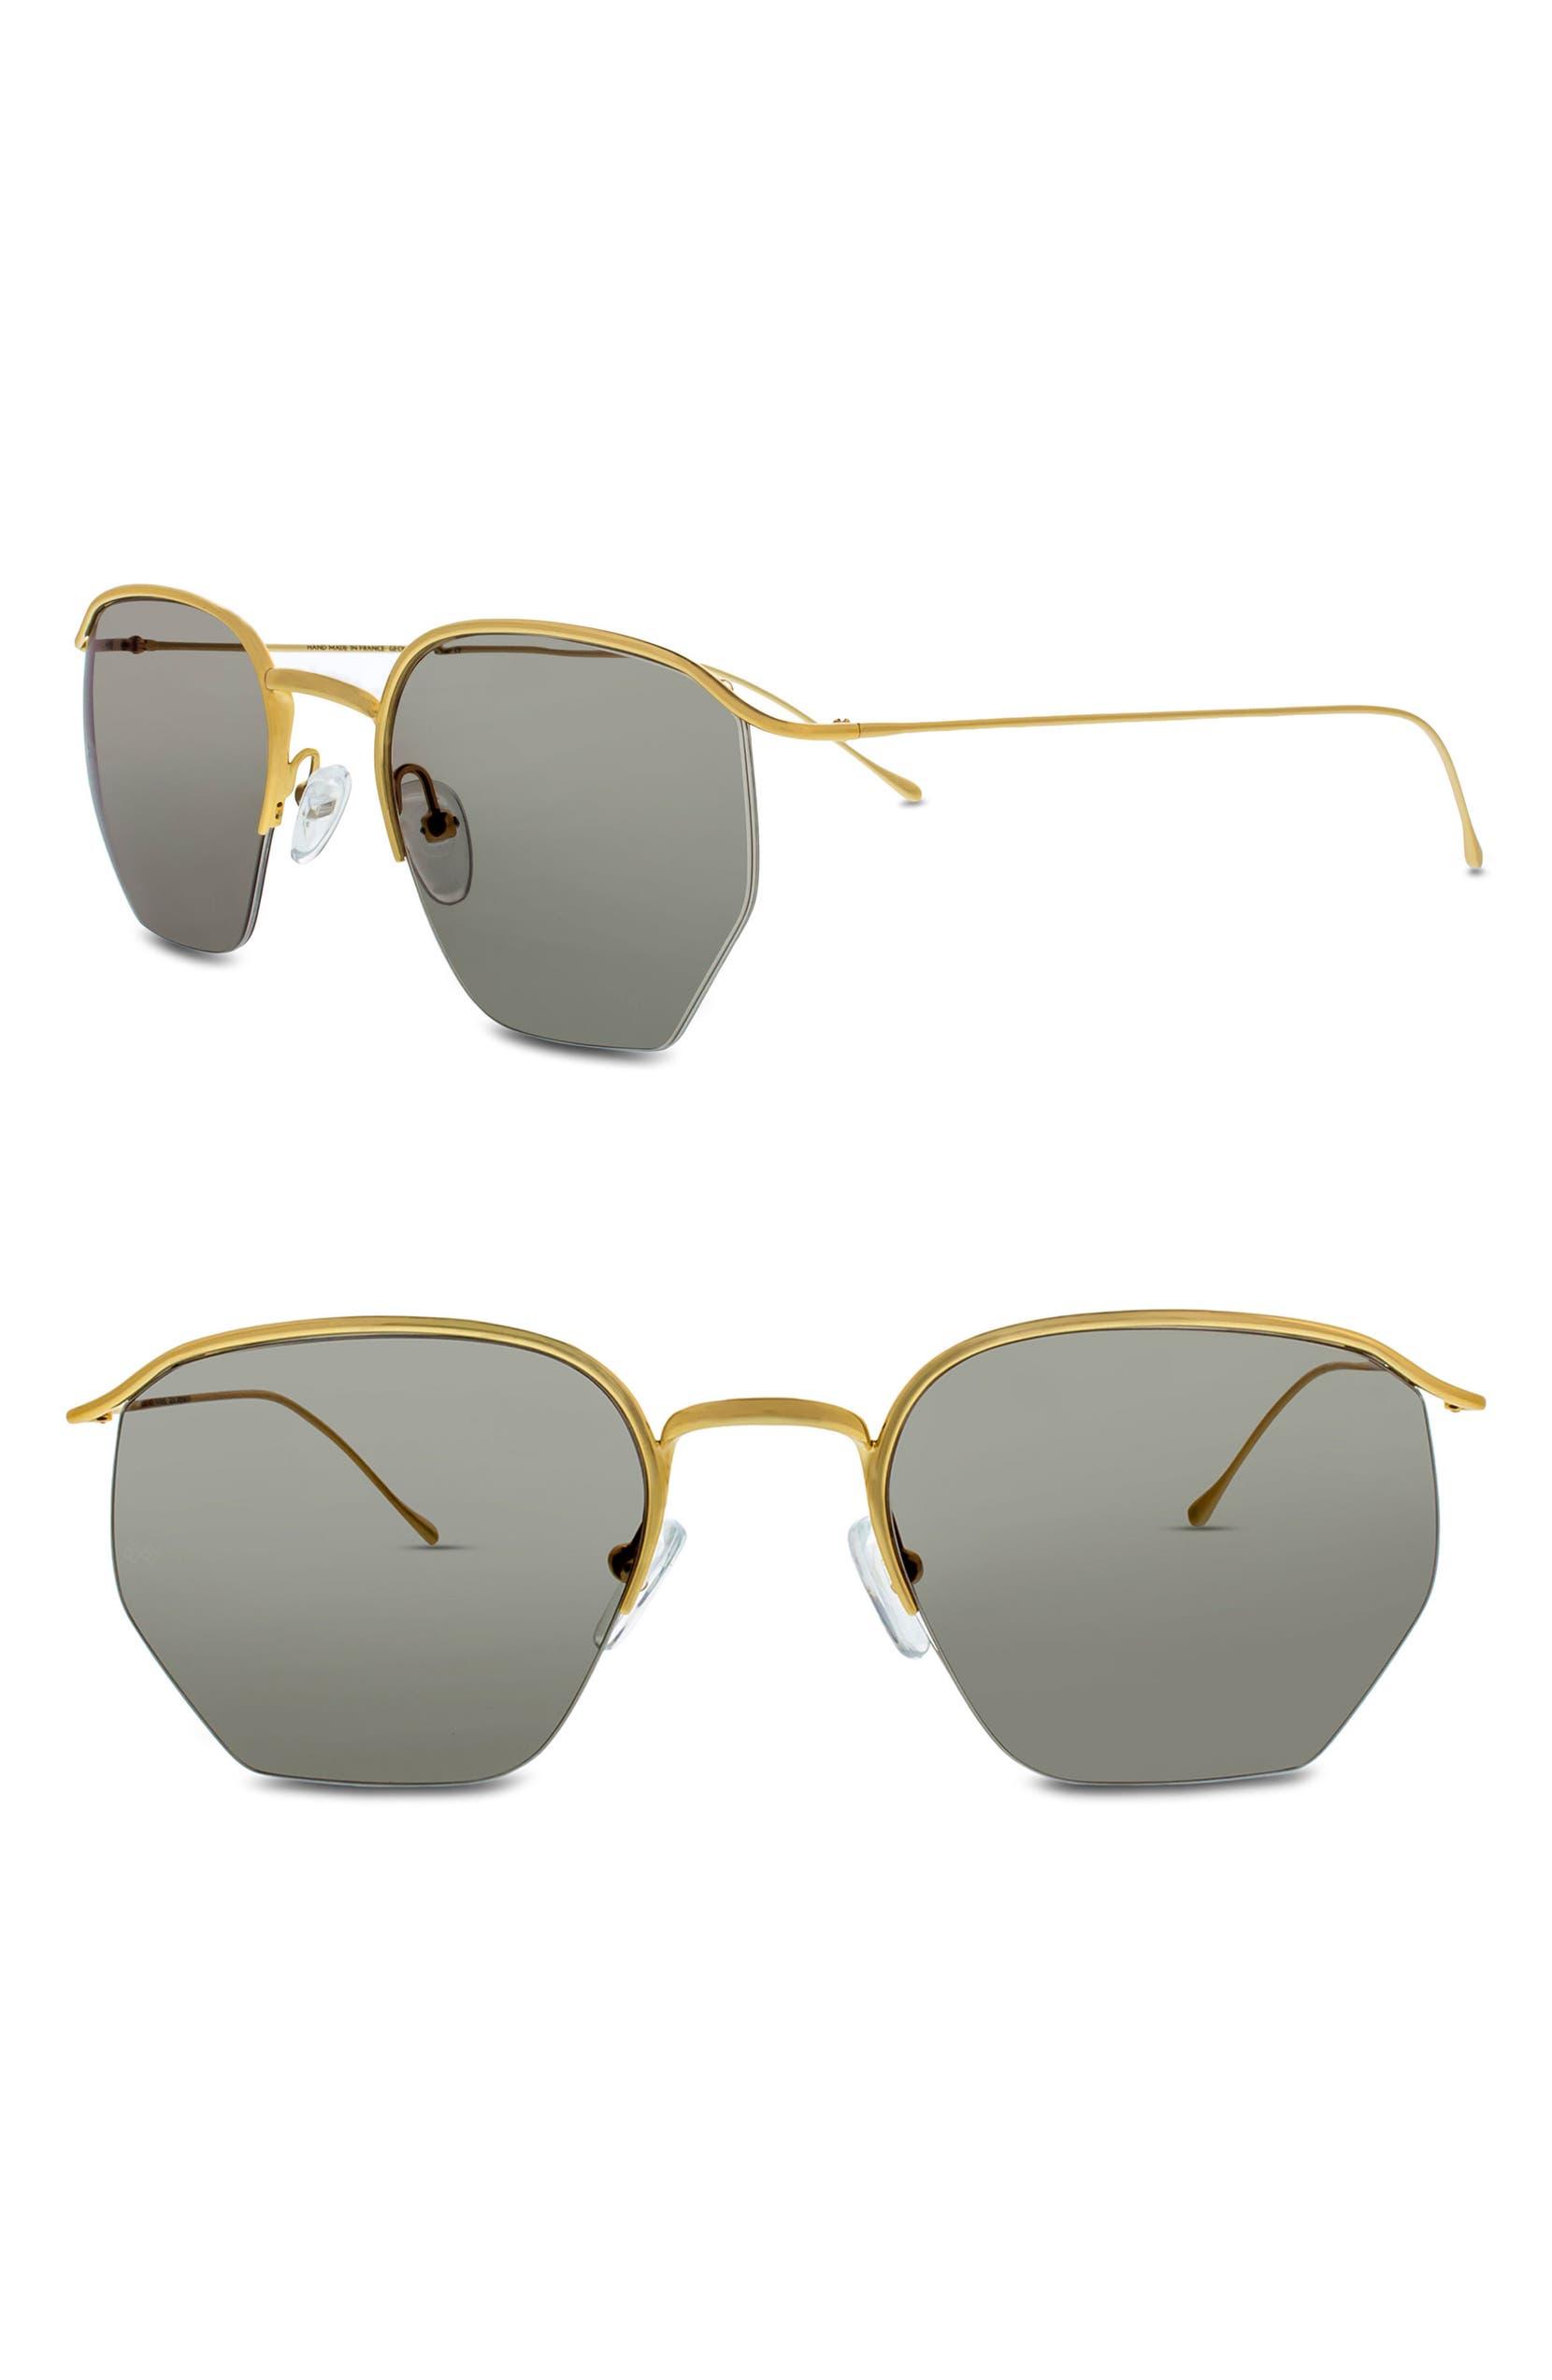 a3b69851d09 SMOKE X MIRRORS Geo I 51mm Semi Rimless Sunglasses